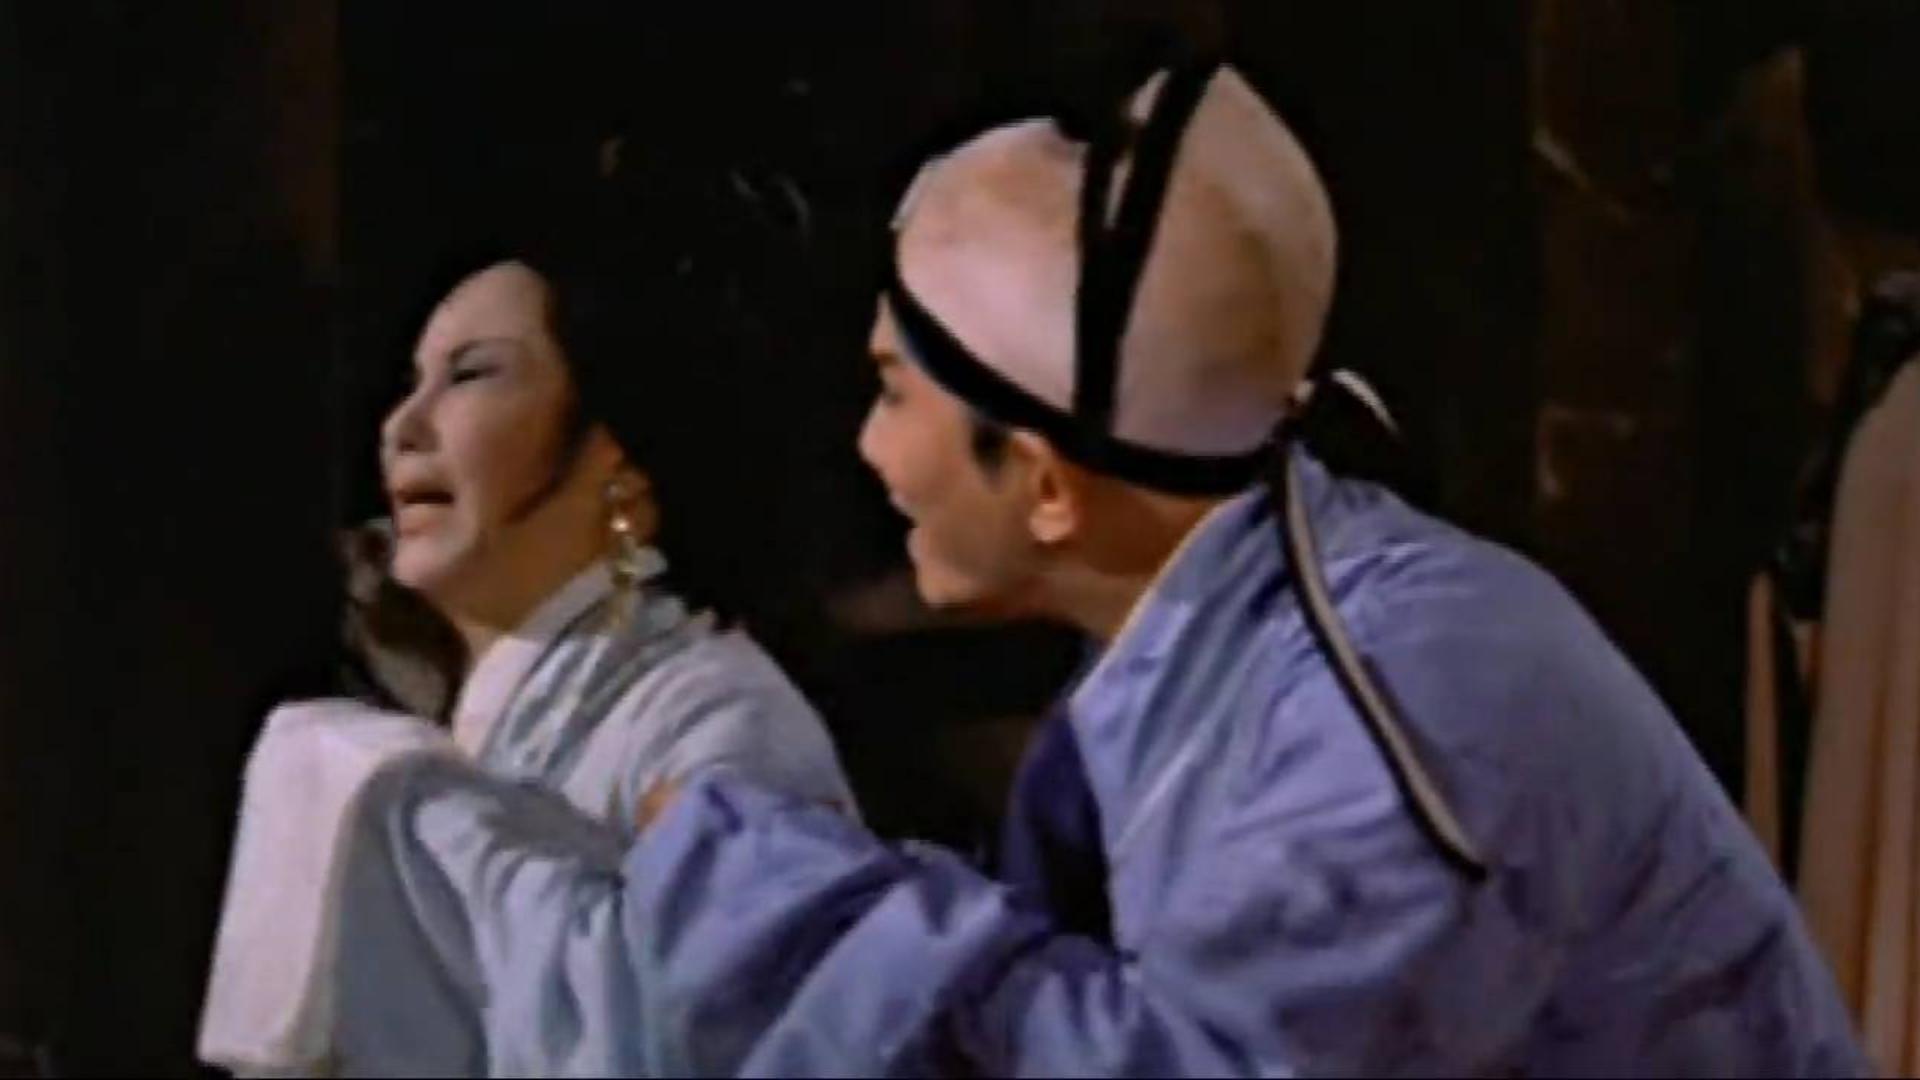 一部邵氏伦理奇幻片,阎惜姣被宋江杀死,变成冤鬼却找徒弟报仇